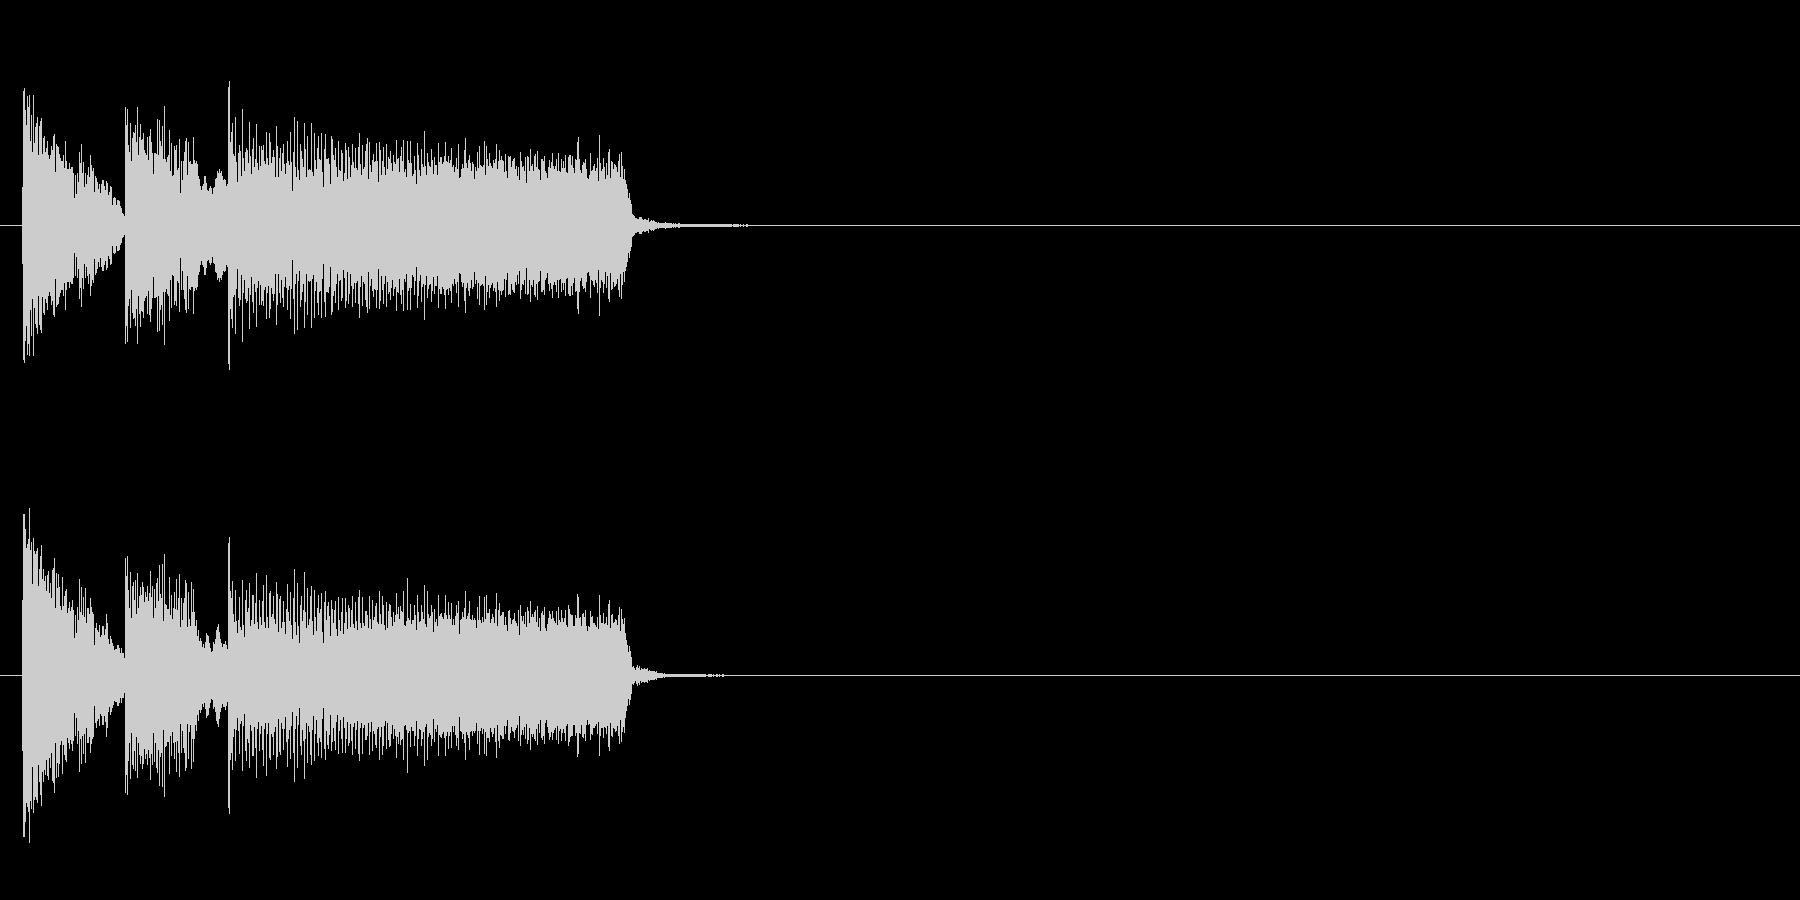 おちゃらけ コミカル クイズ ズッコケの未再生の波形